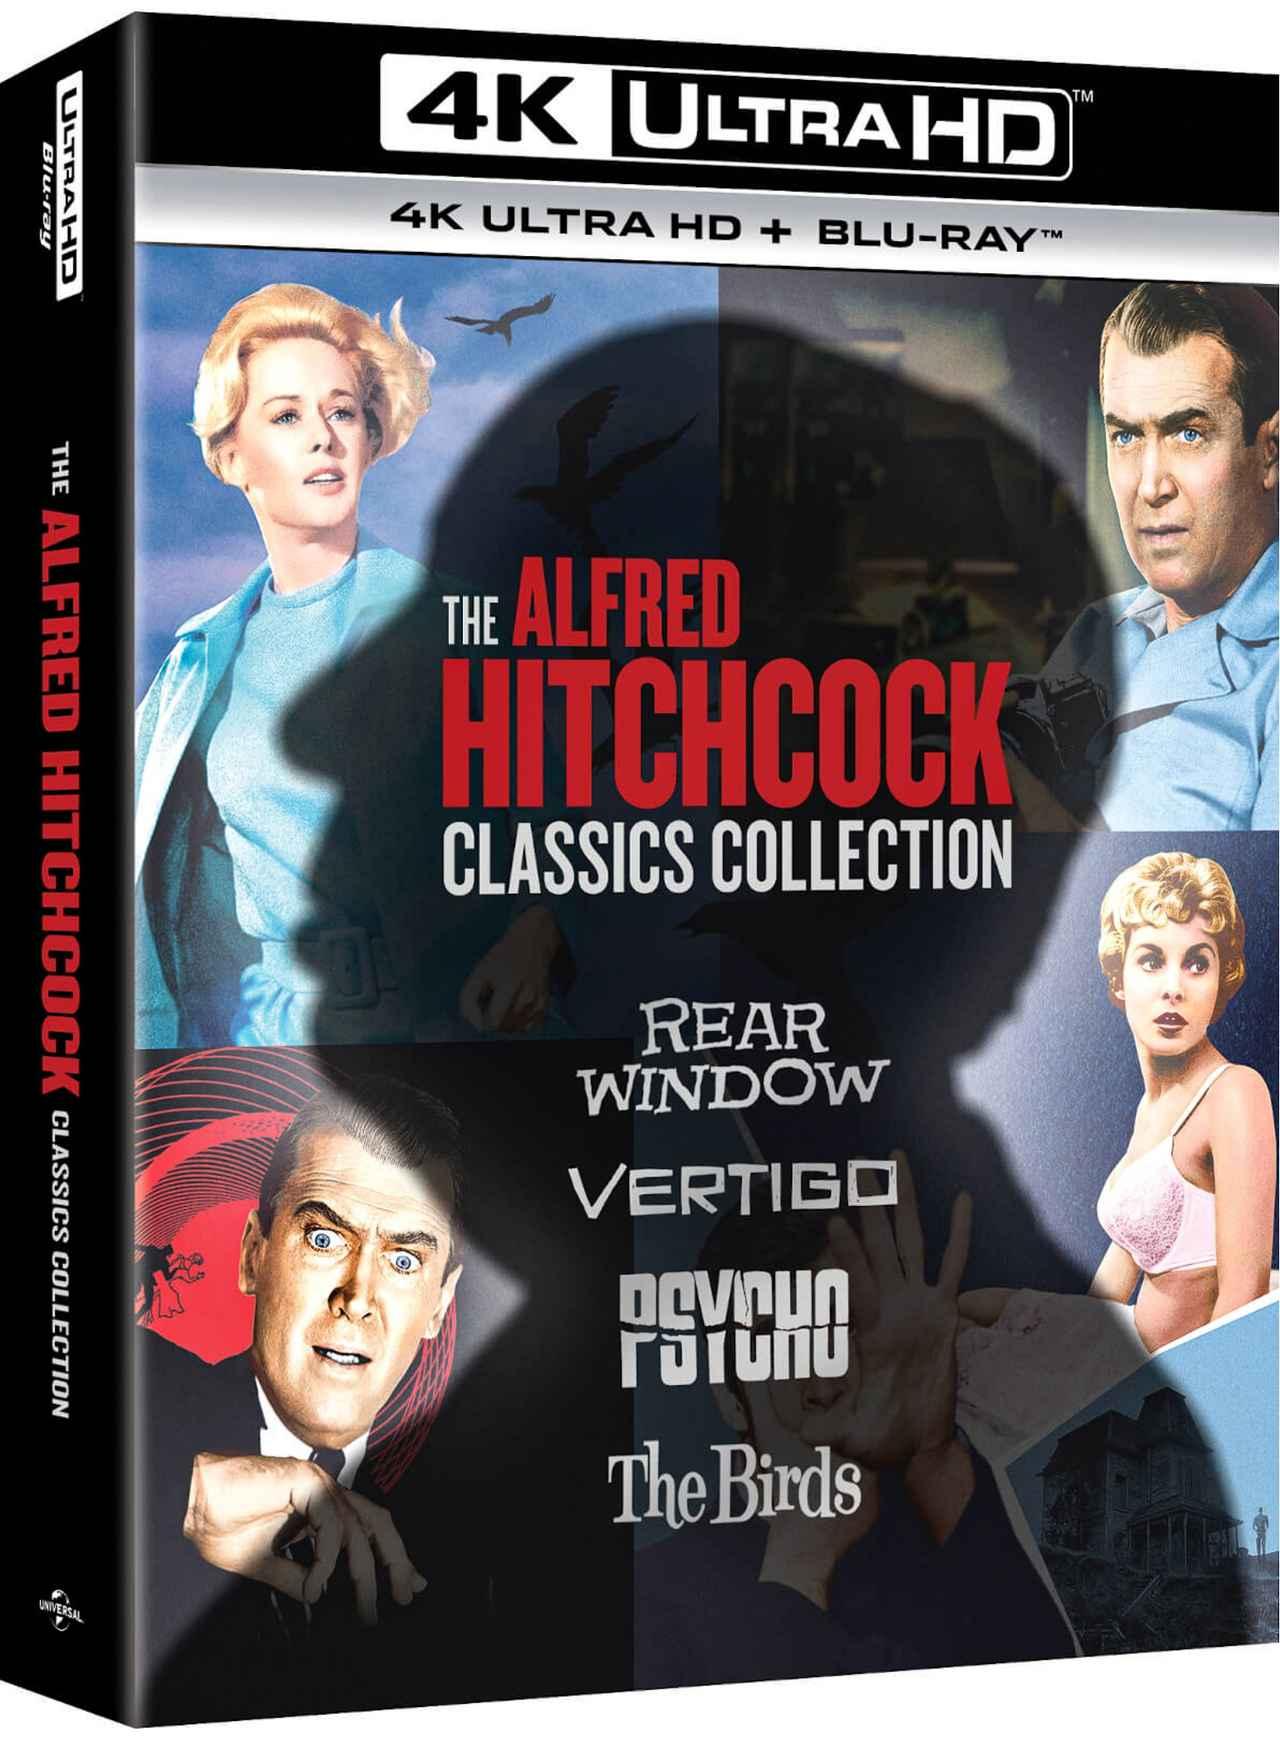 画像1: 4Kレストア&DTS:Xで登場『アルフレッド・ヒッチコック・クラシックス・コレクション』【海外盤Blu-ray発売情報】